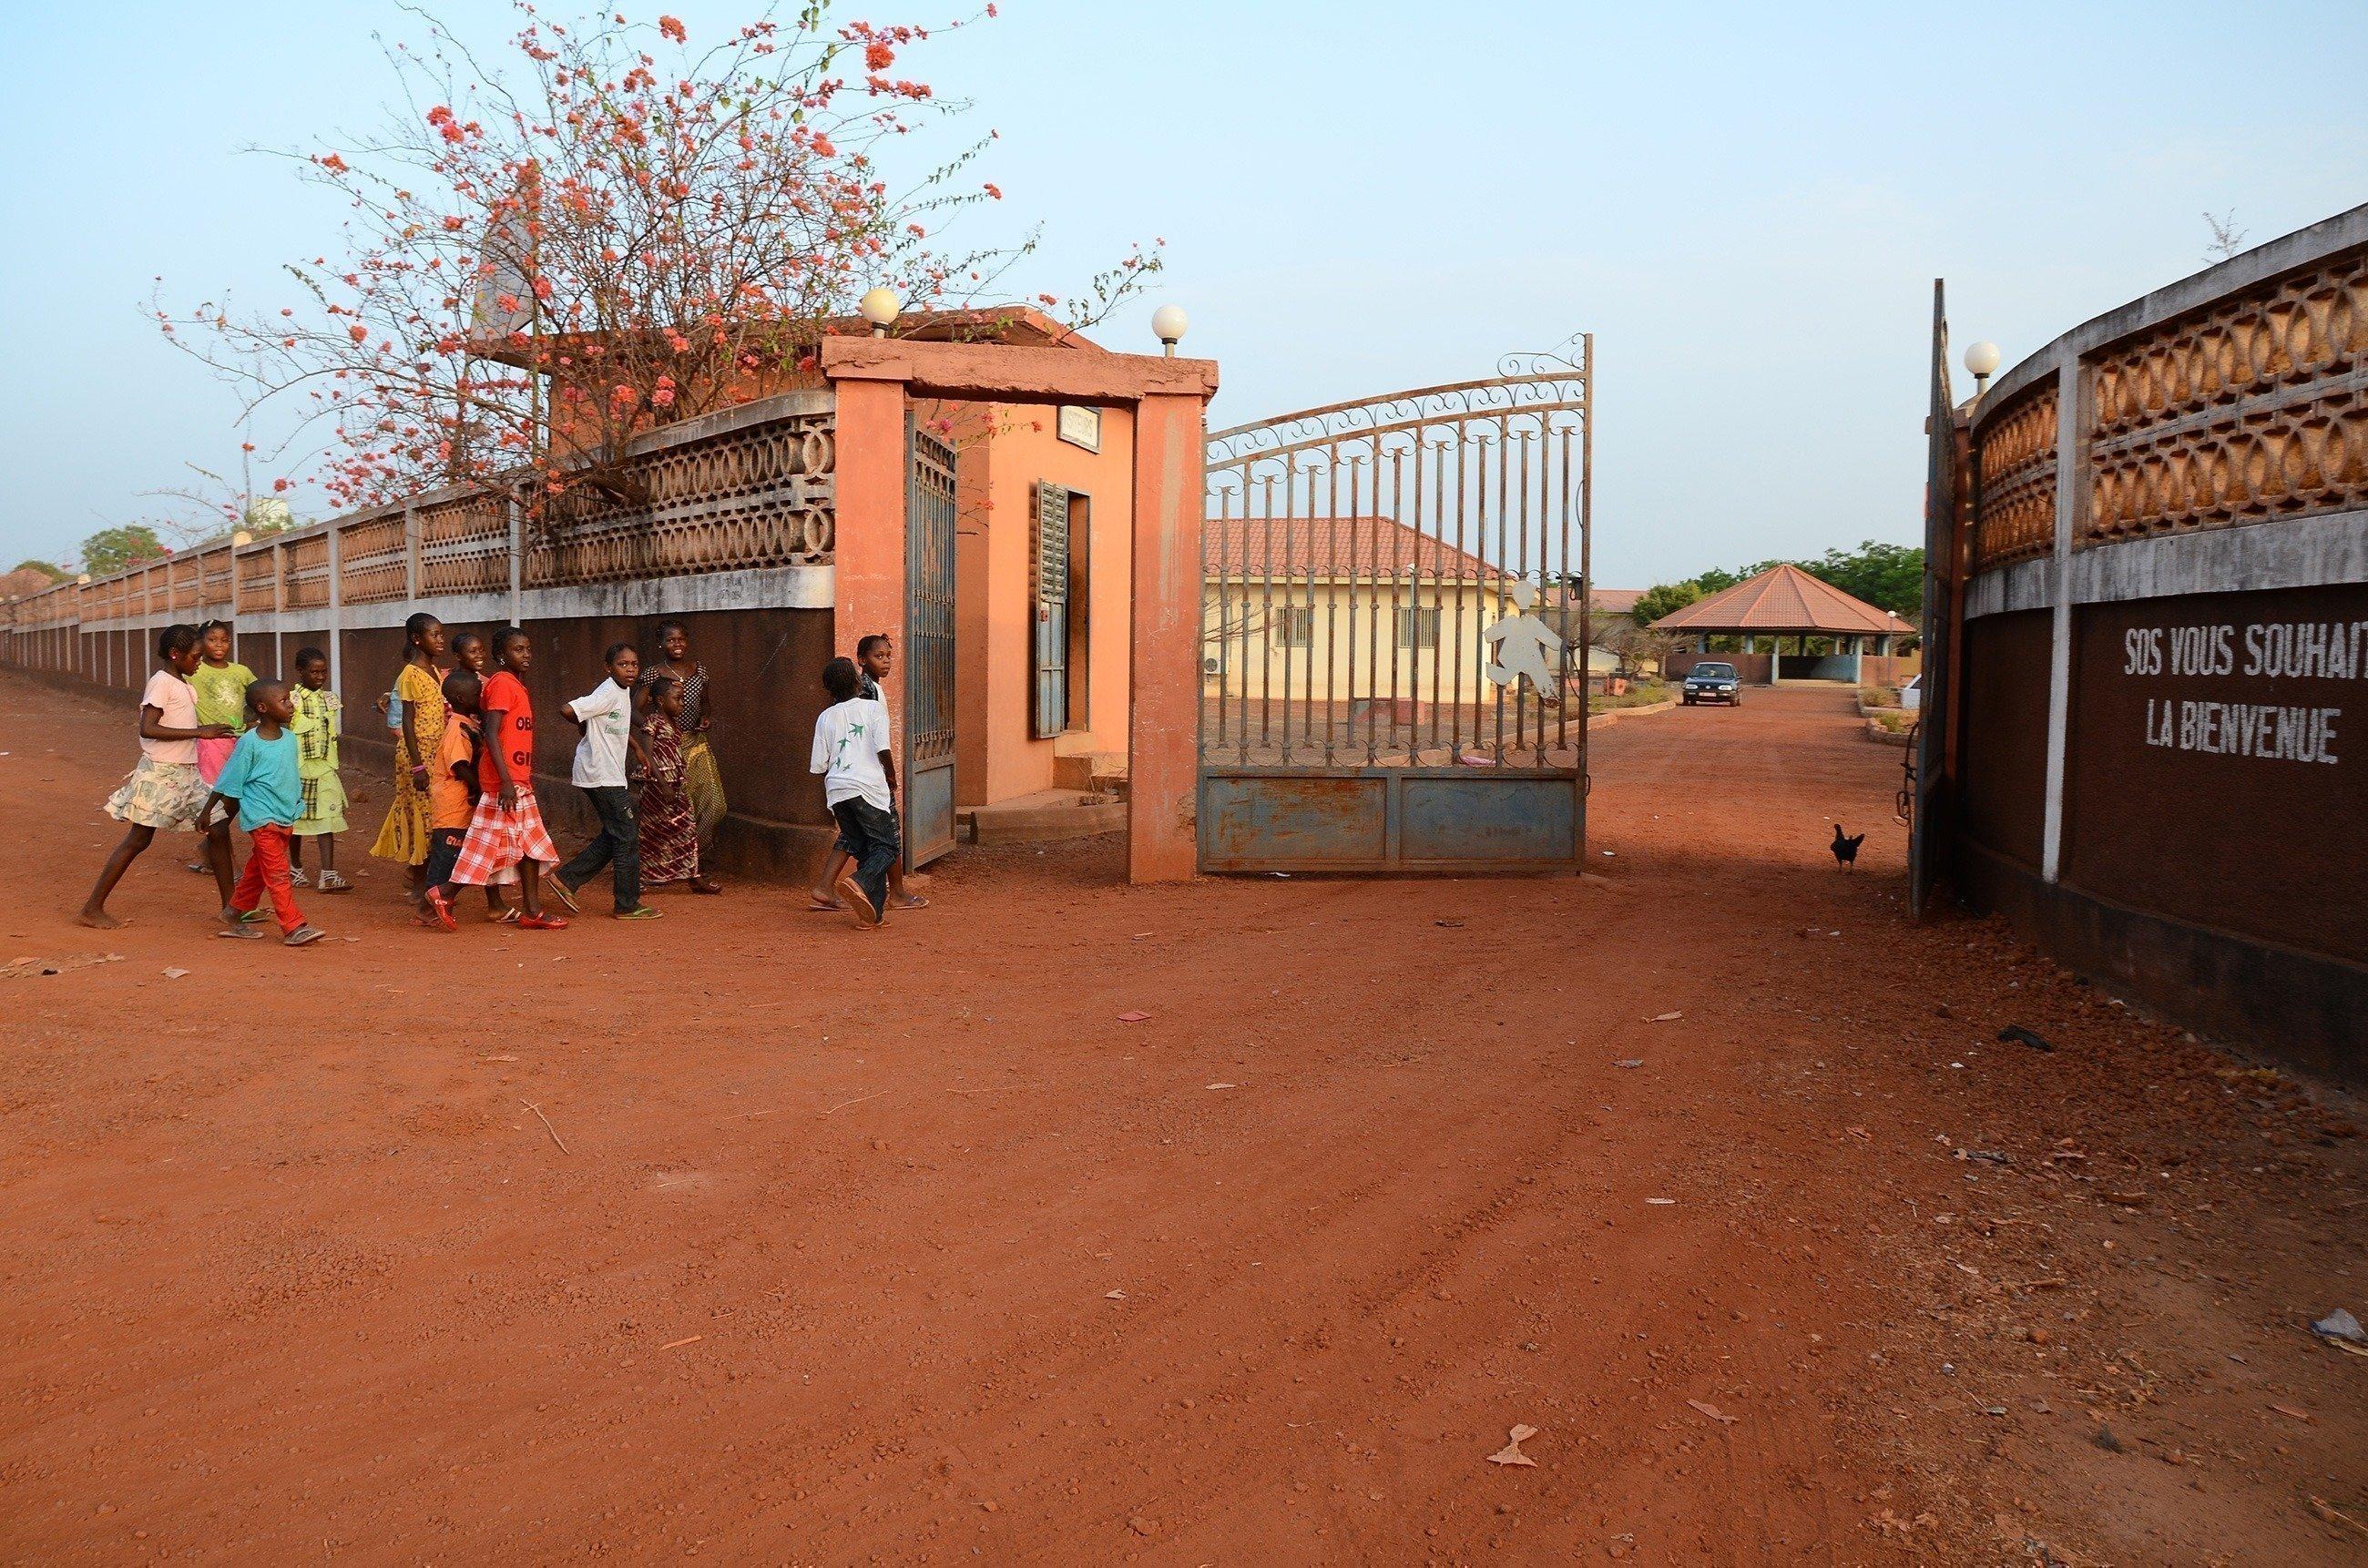 Bambini corrono attraverso il cancello d'ingresso di un SOS Villaggio dei Bambini.